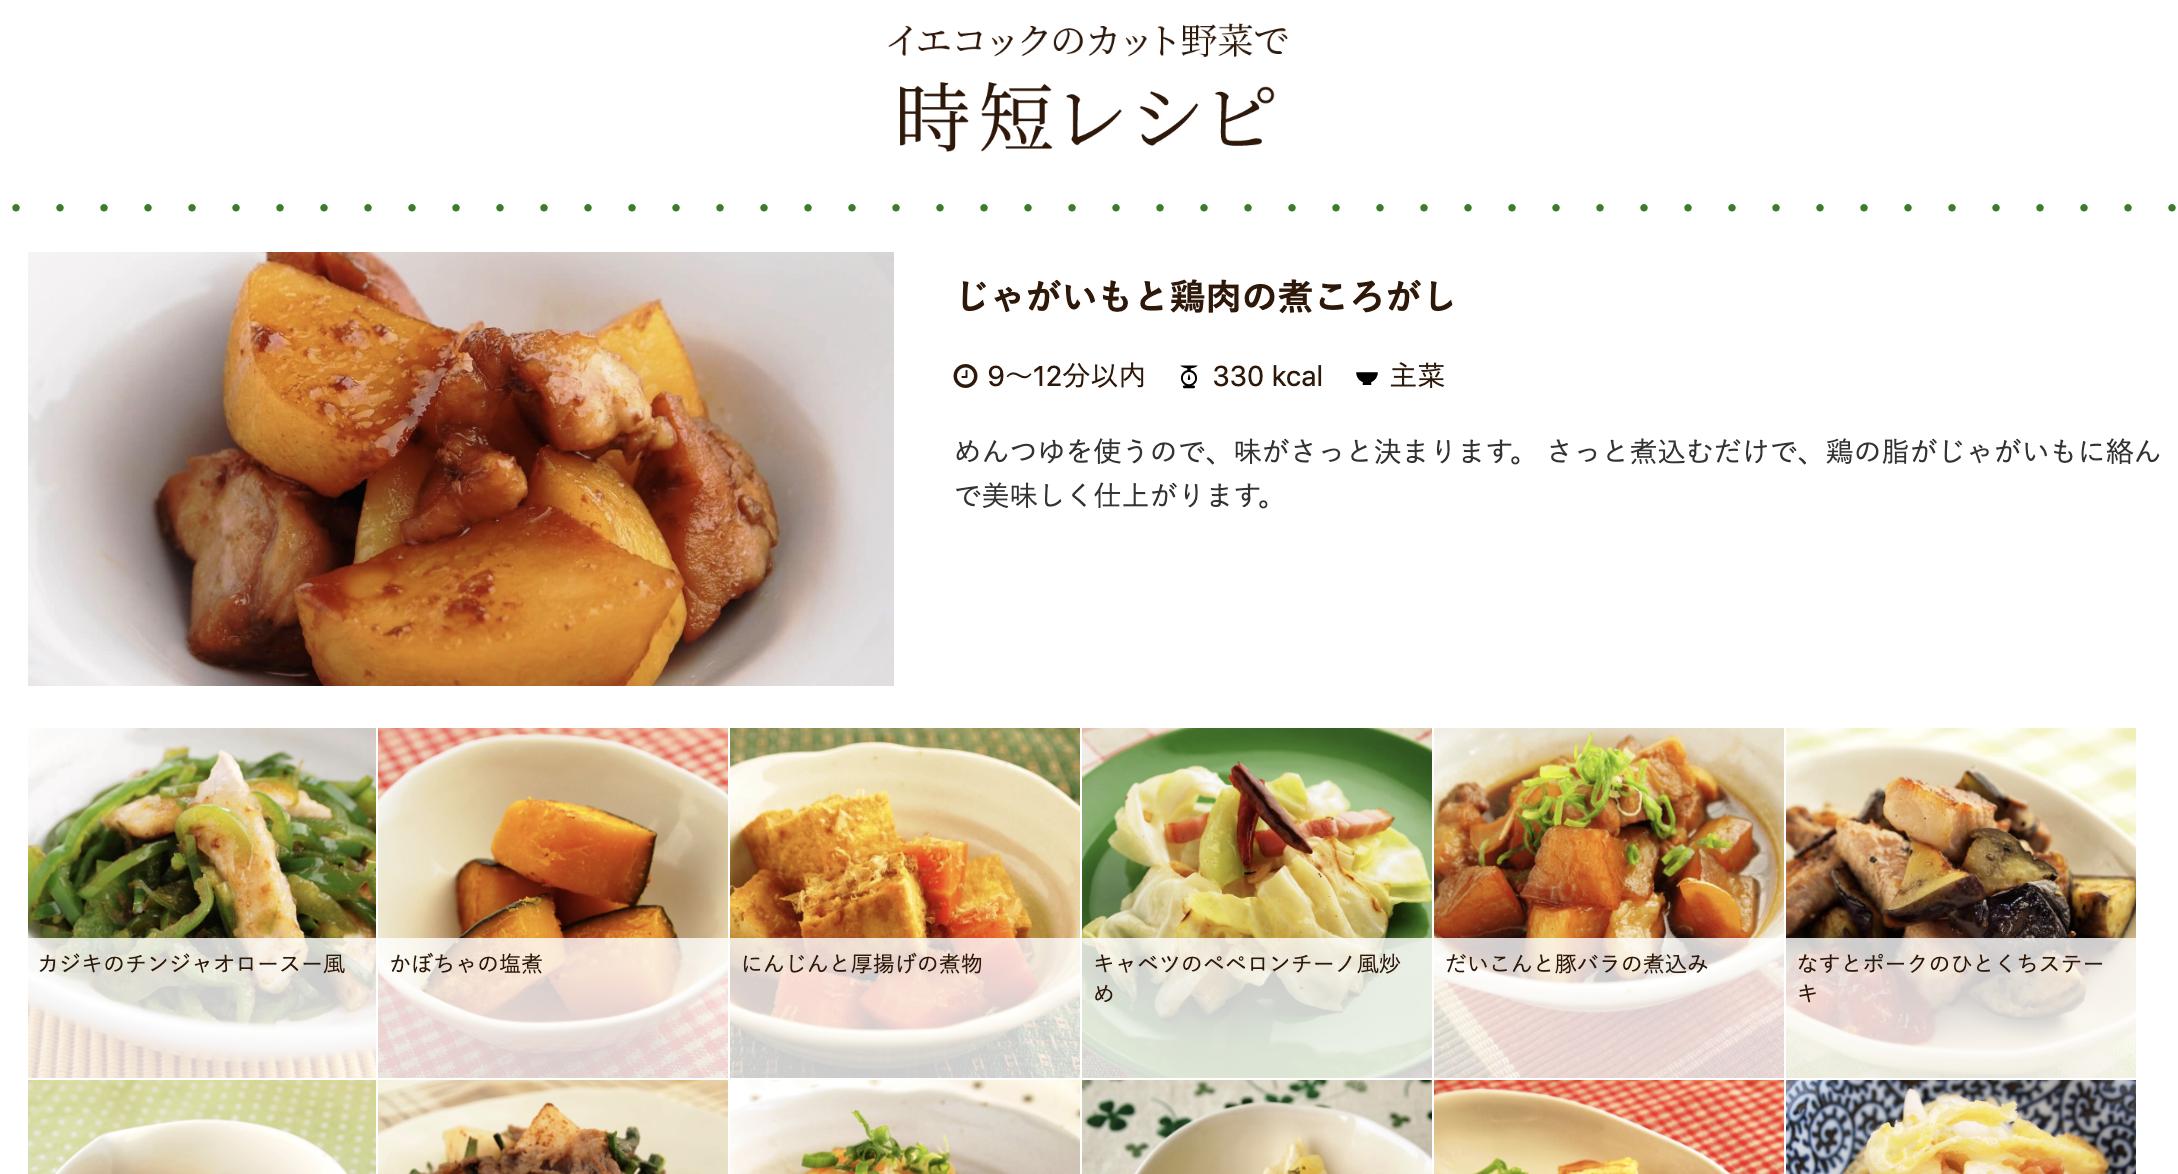 レシピの例